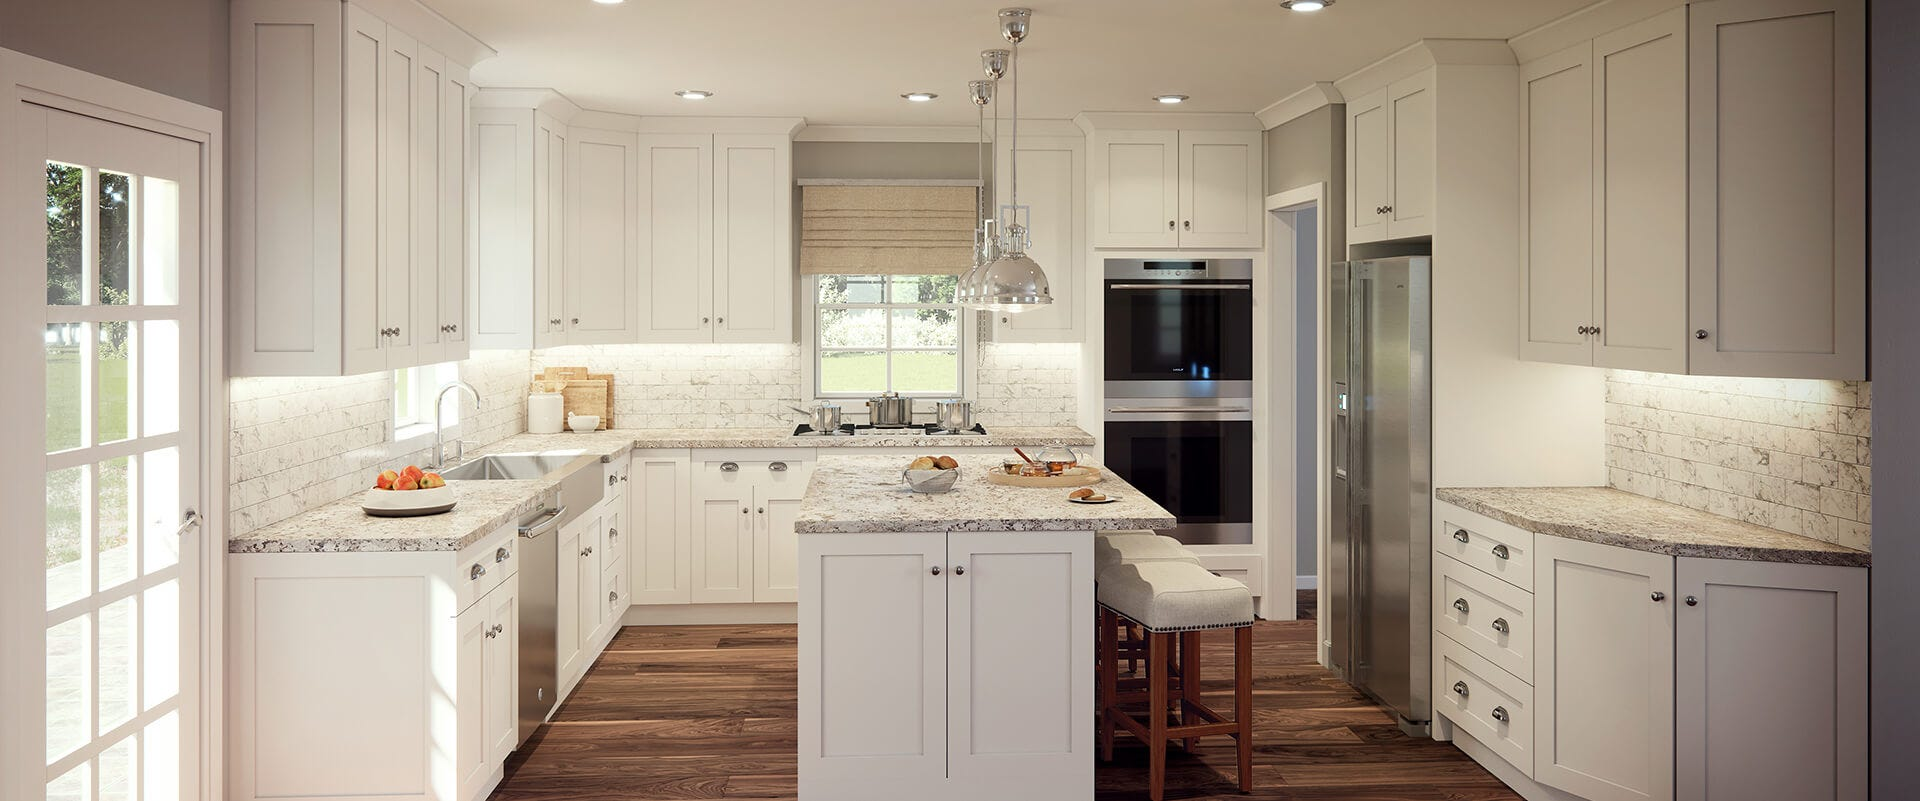 Buy Kitchen Cabinets Online Best Door Styles Prices